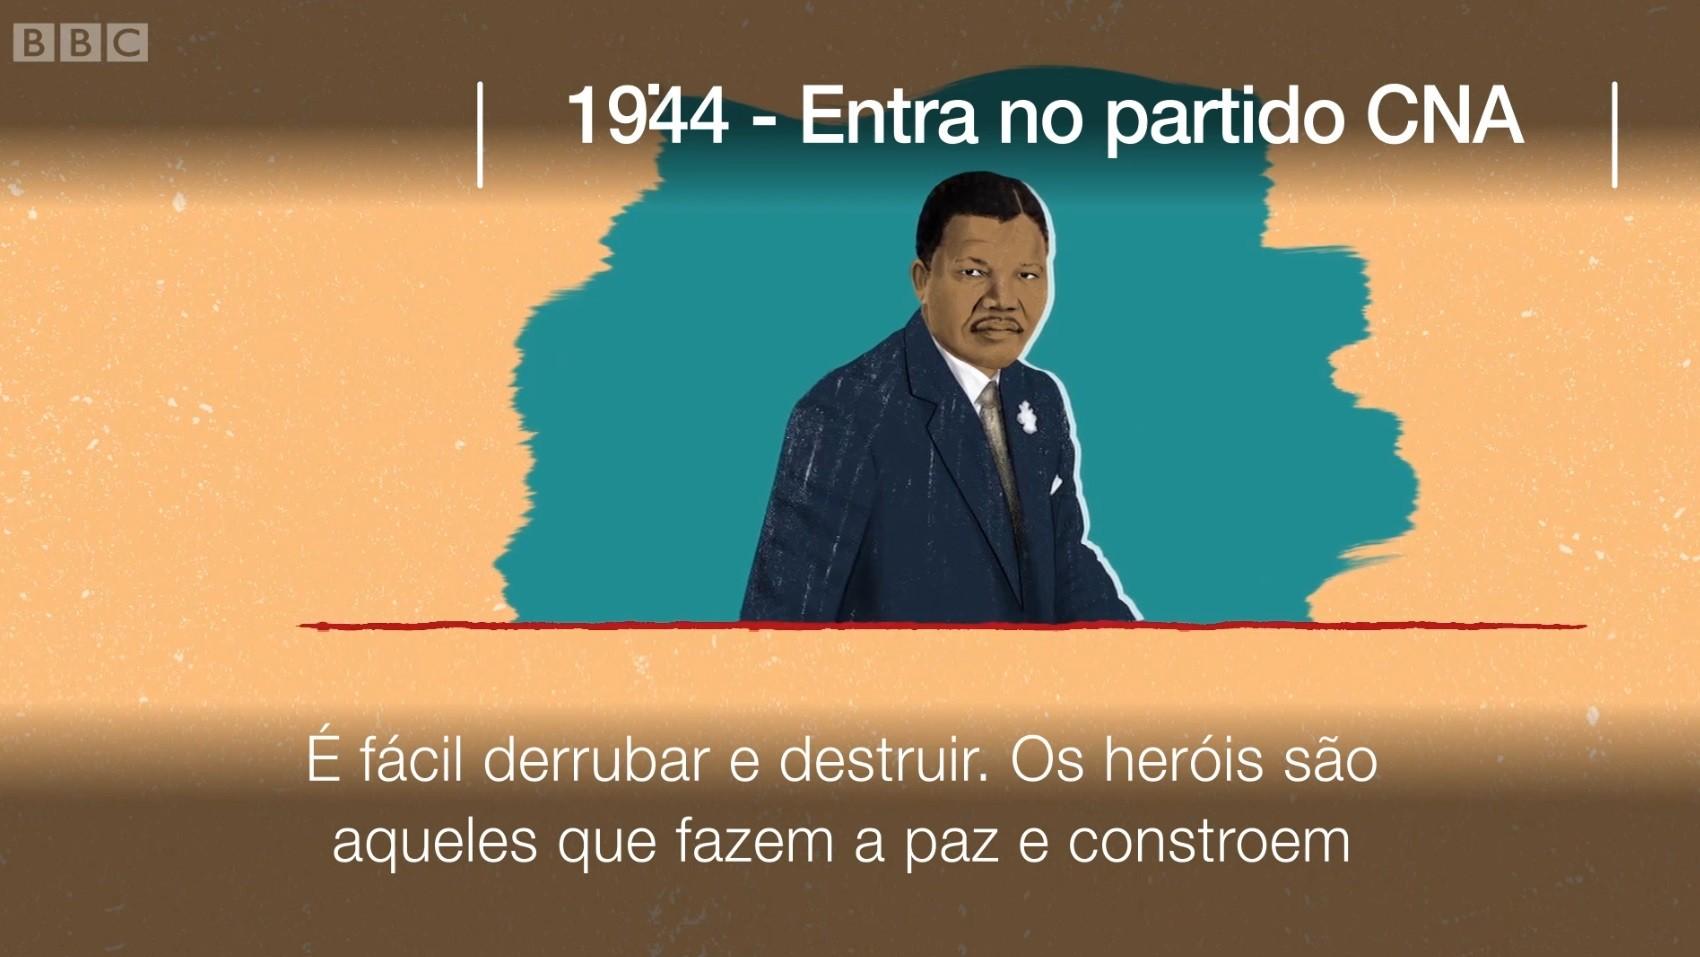 100 anos de Nelson Mandela: as frases mais famosas e marcantes do líder sul-africano